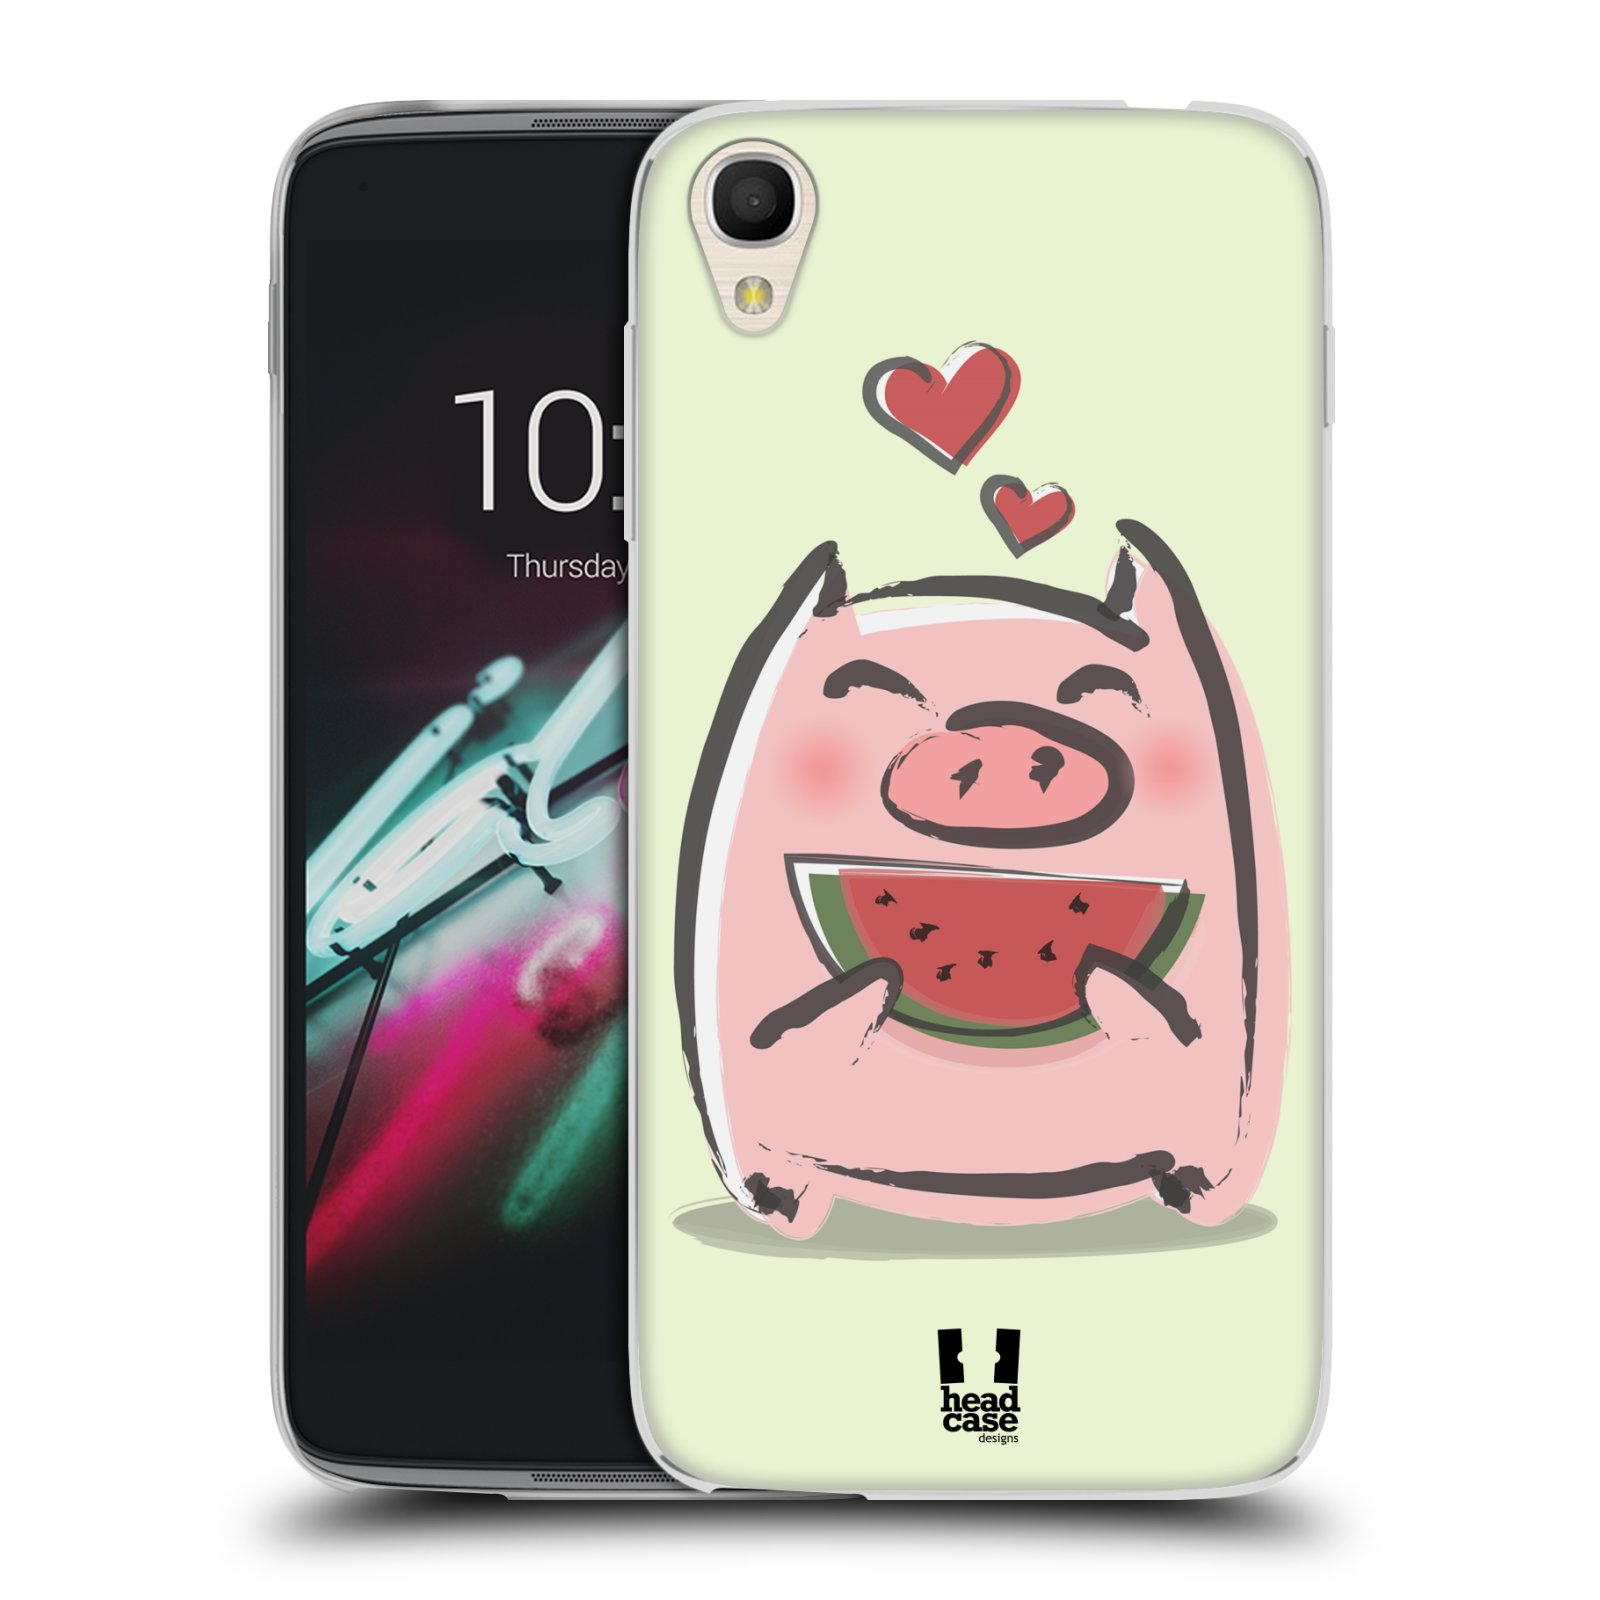 HEAD CASE silikonový obal na mobil Alcatel Idol 3 OT-6039Y (4.7) vzor roztomilé růžové prasátko vodní meloun